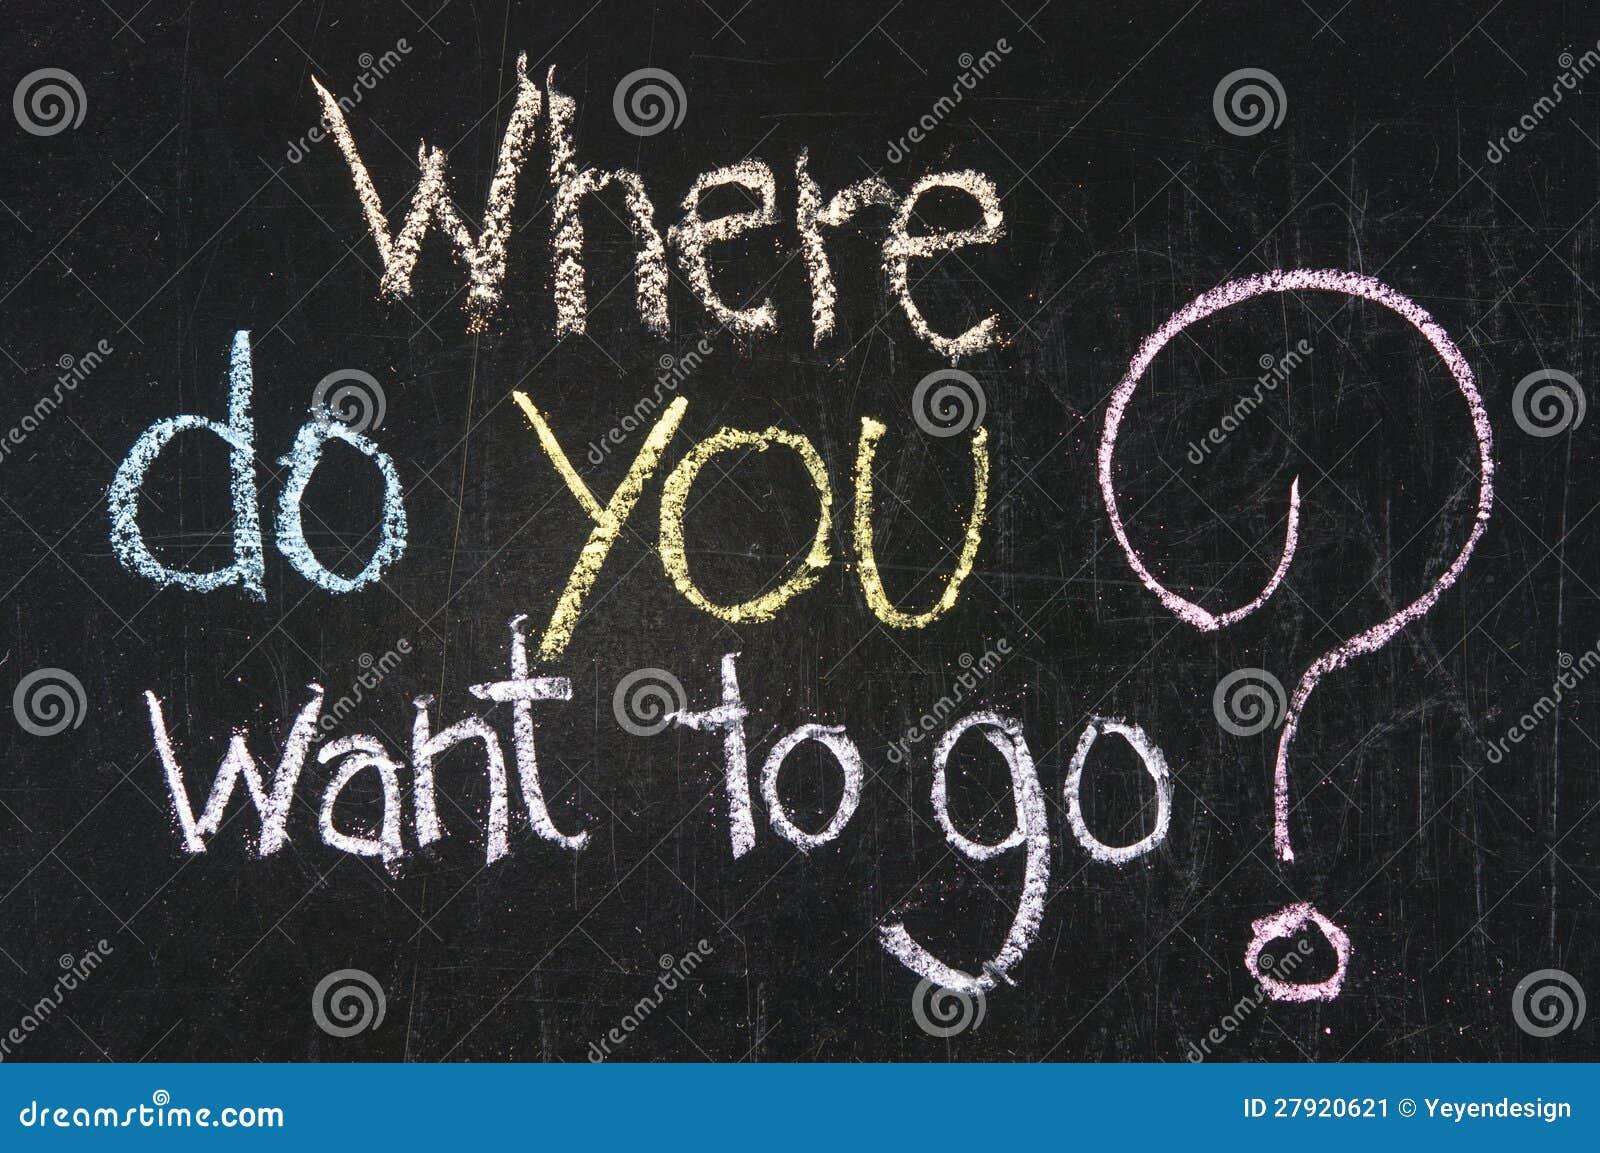 Waar wilt u gaan?